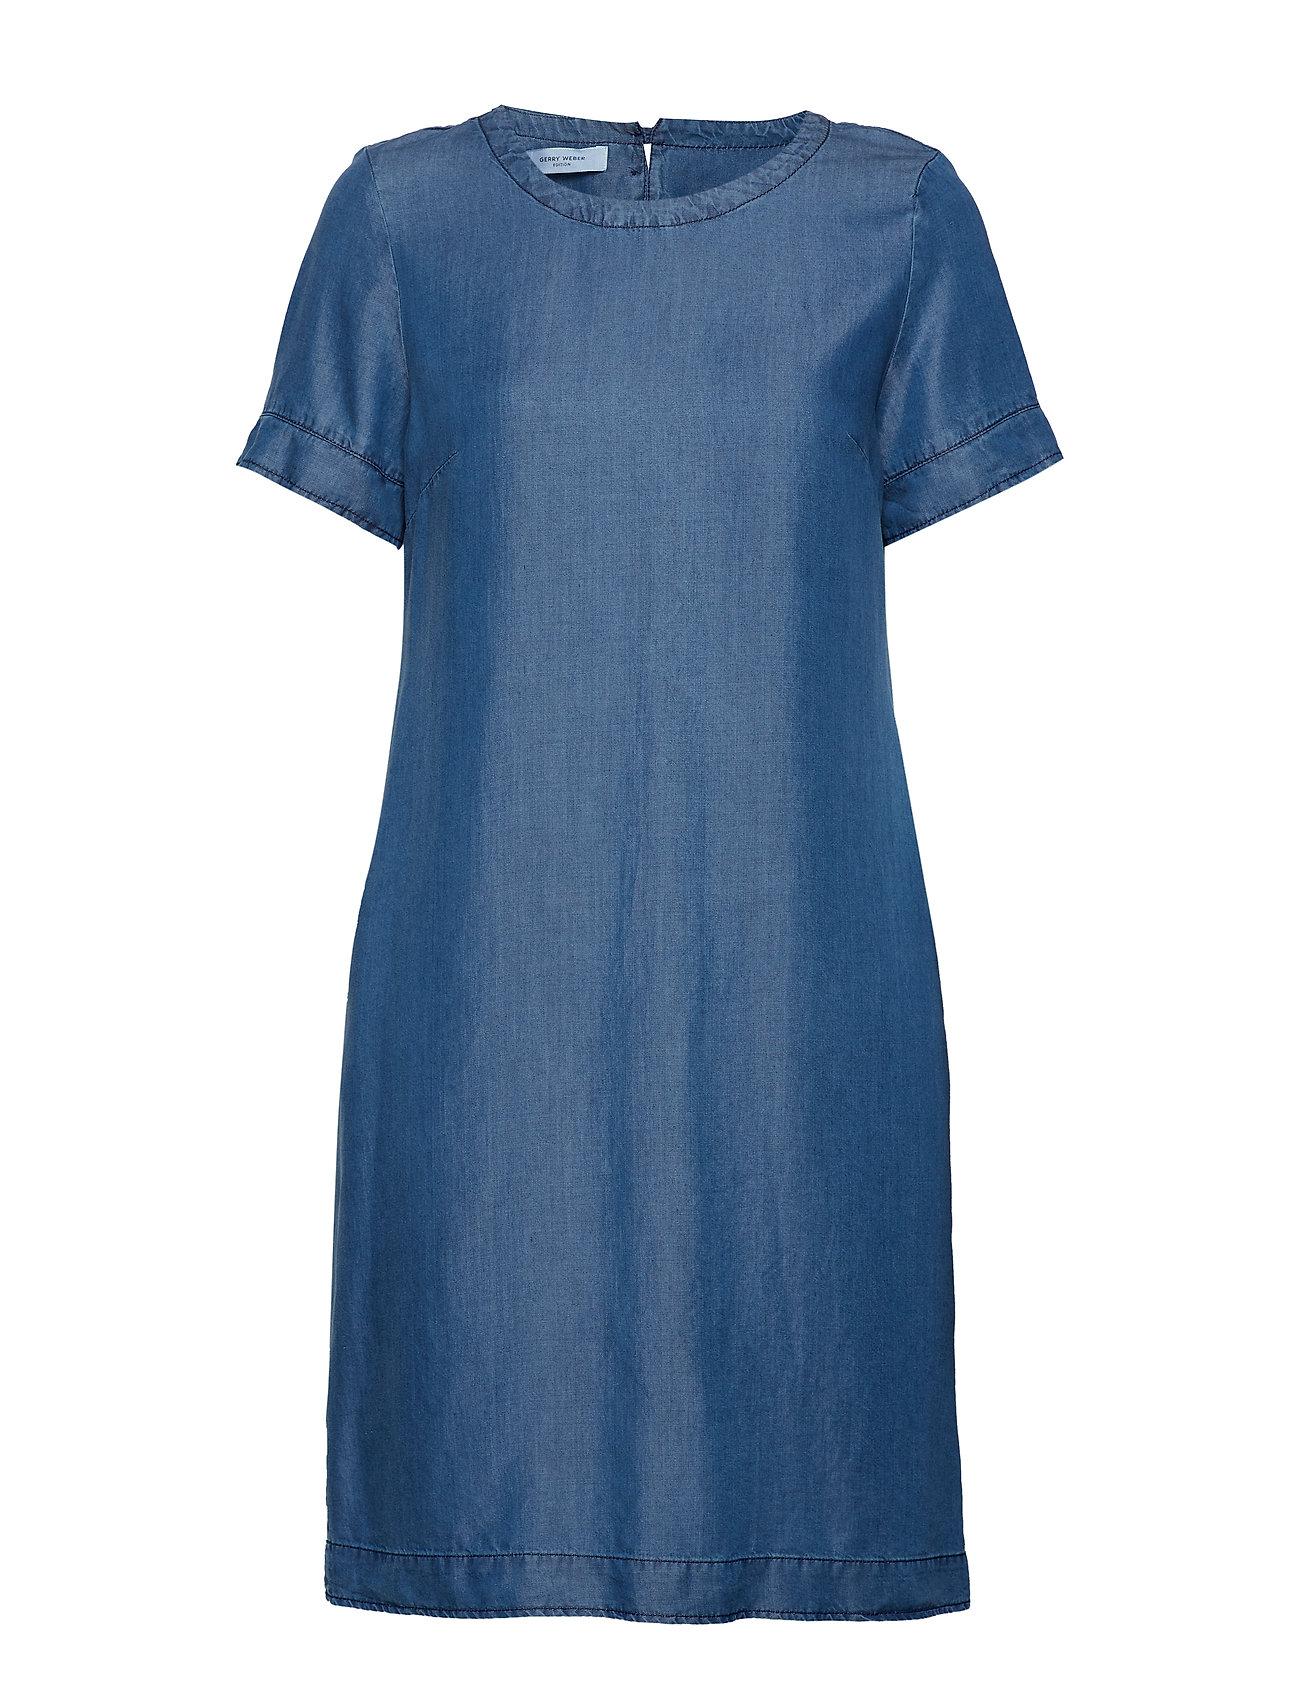 Gerry Weber Edition DRESS WOVEN FABRIC - BLUE DENIM